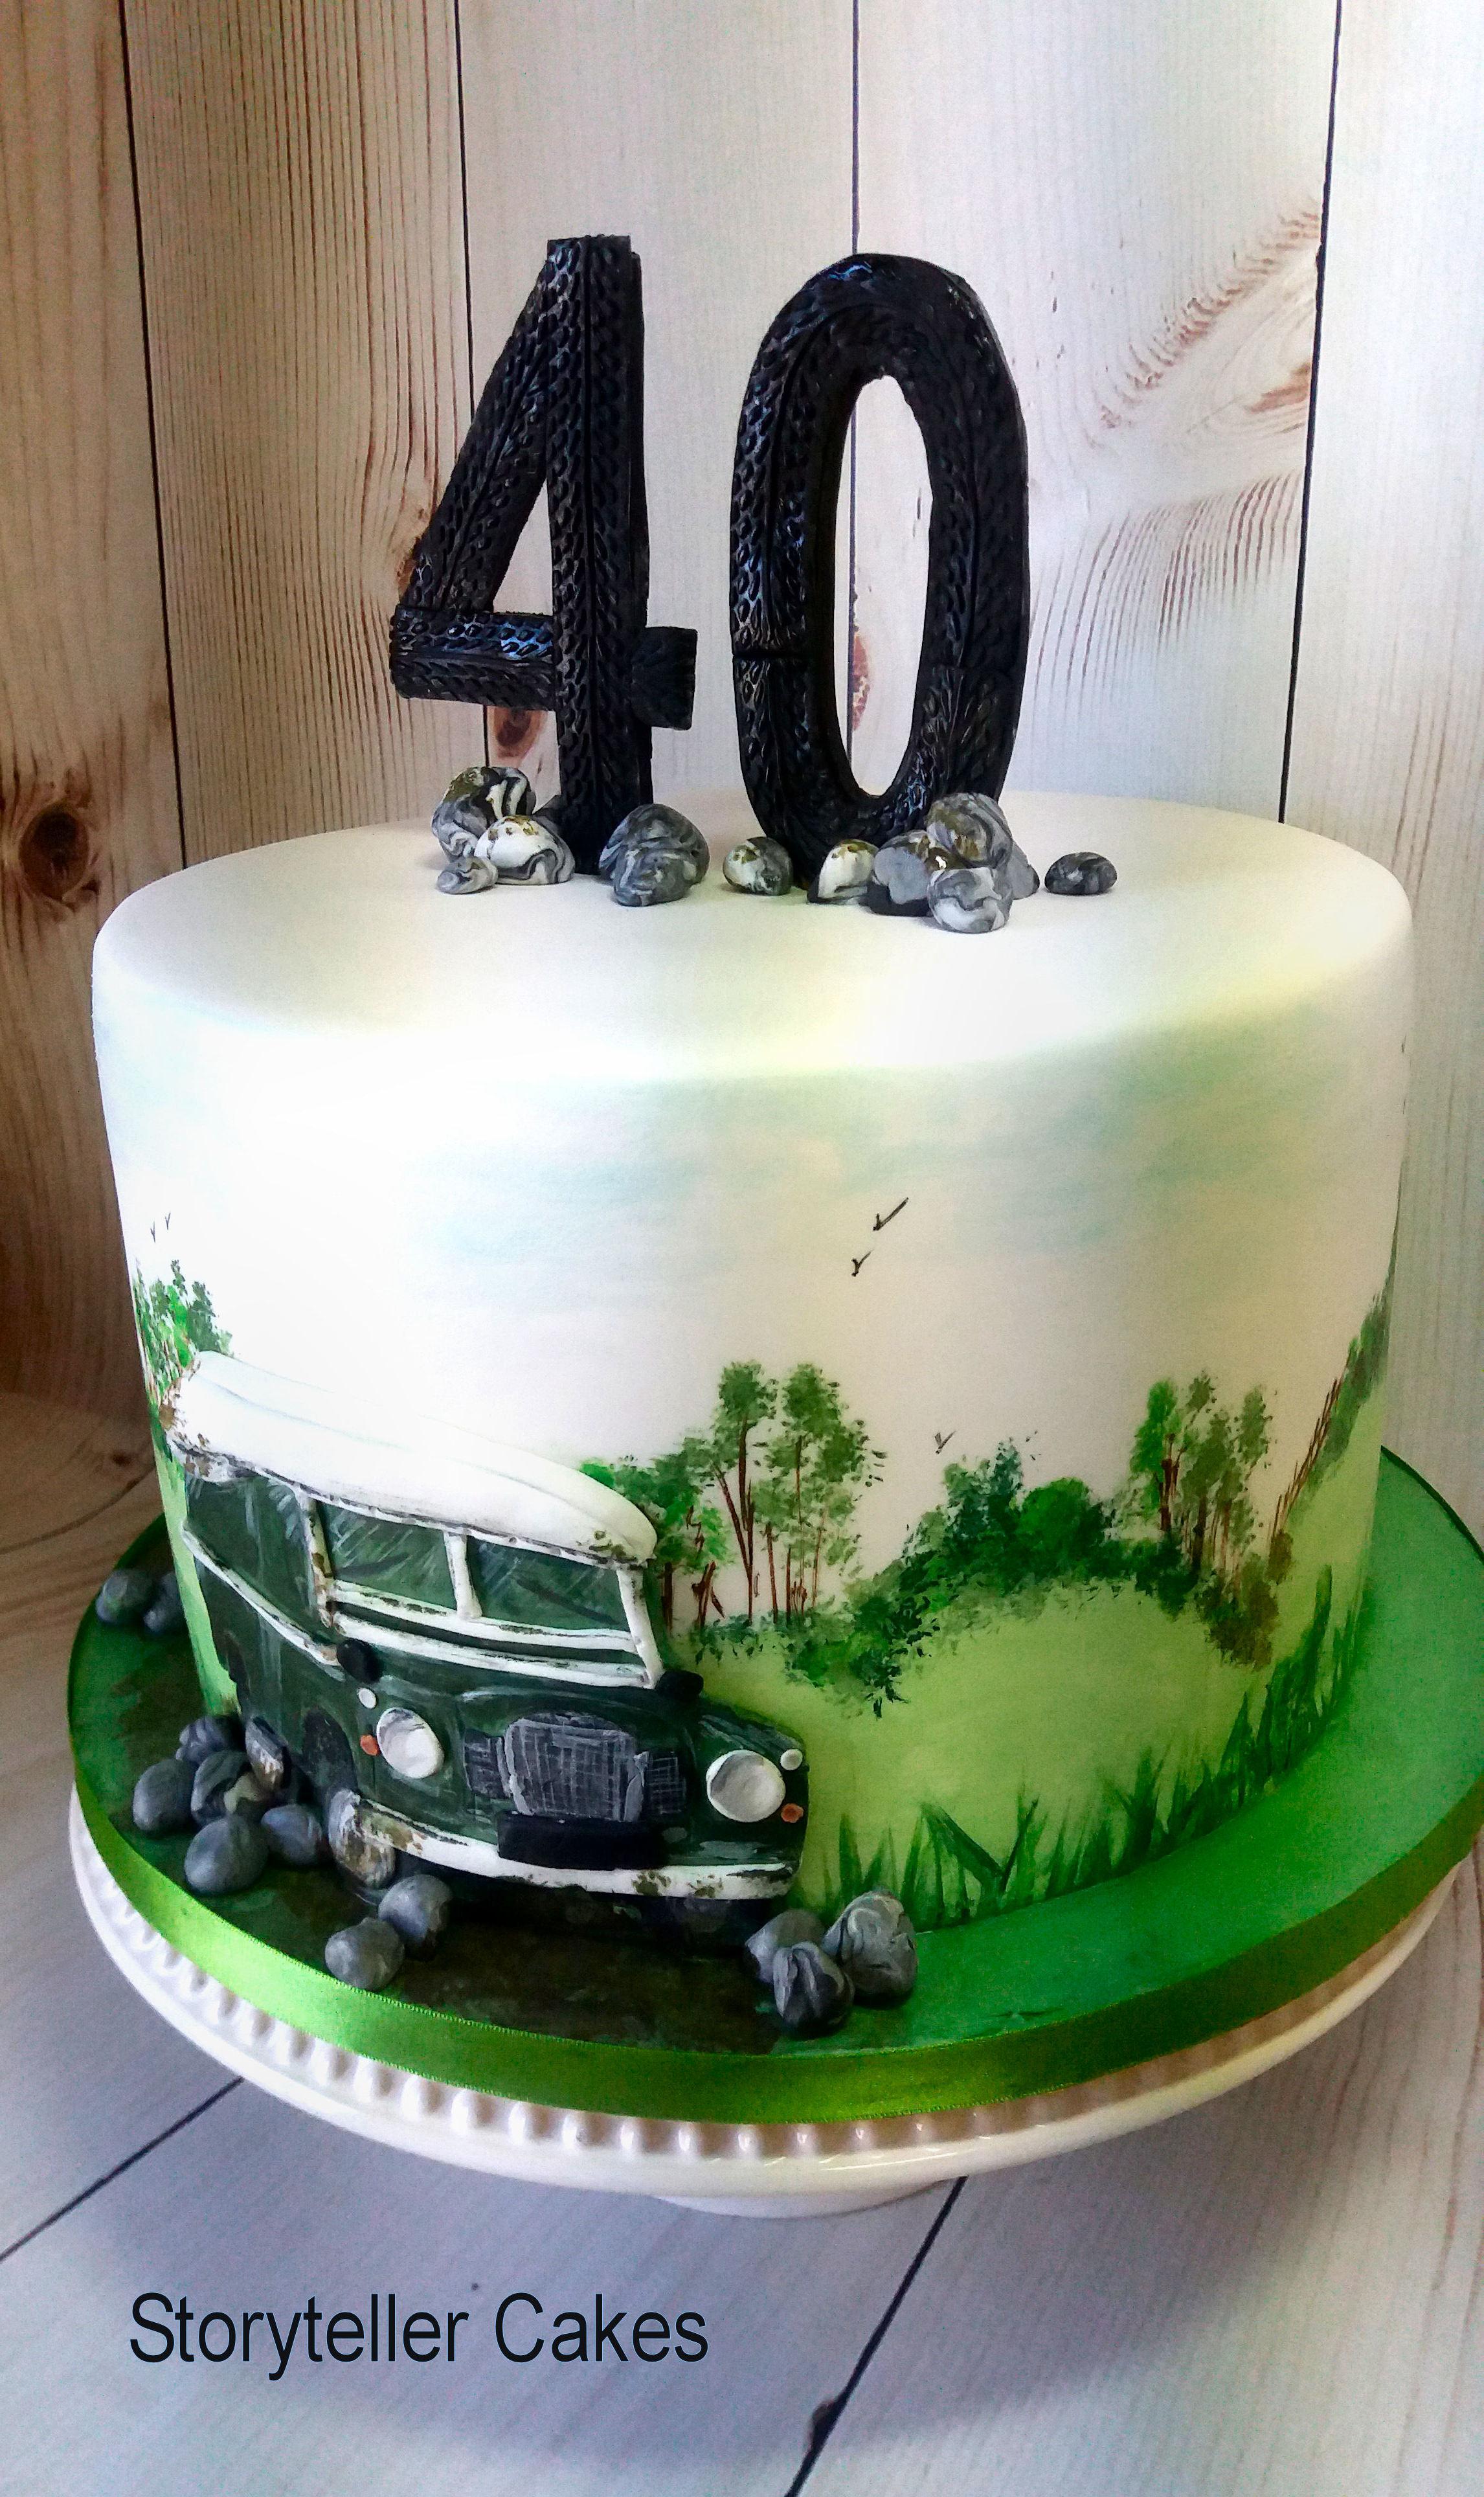 Landrover Cake 2.jpg